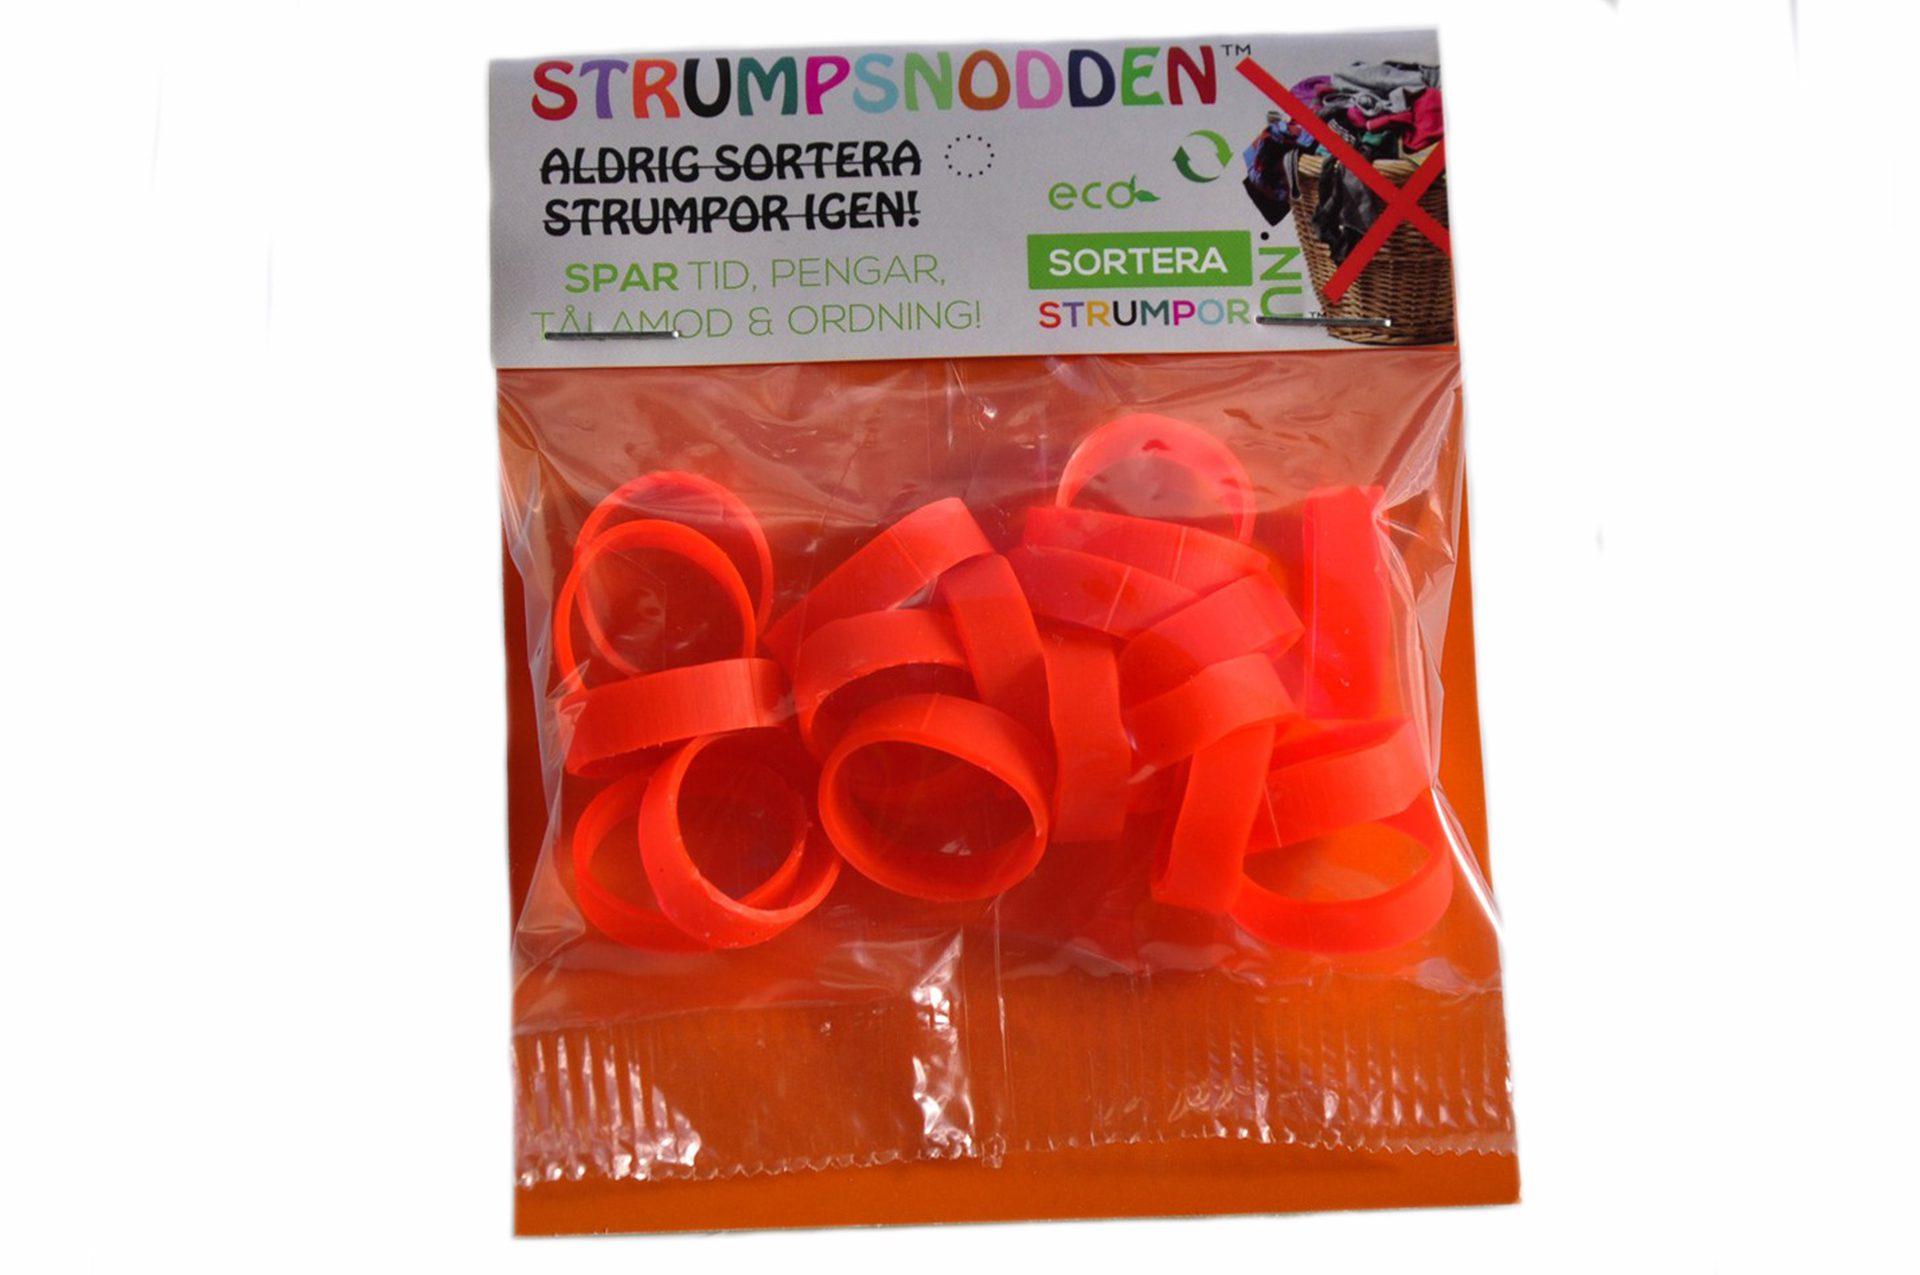 Strumpsnodden Sortera Strumpor Sort Out Socks